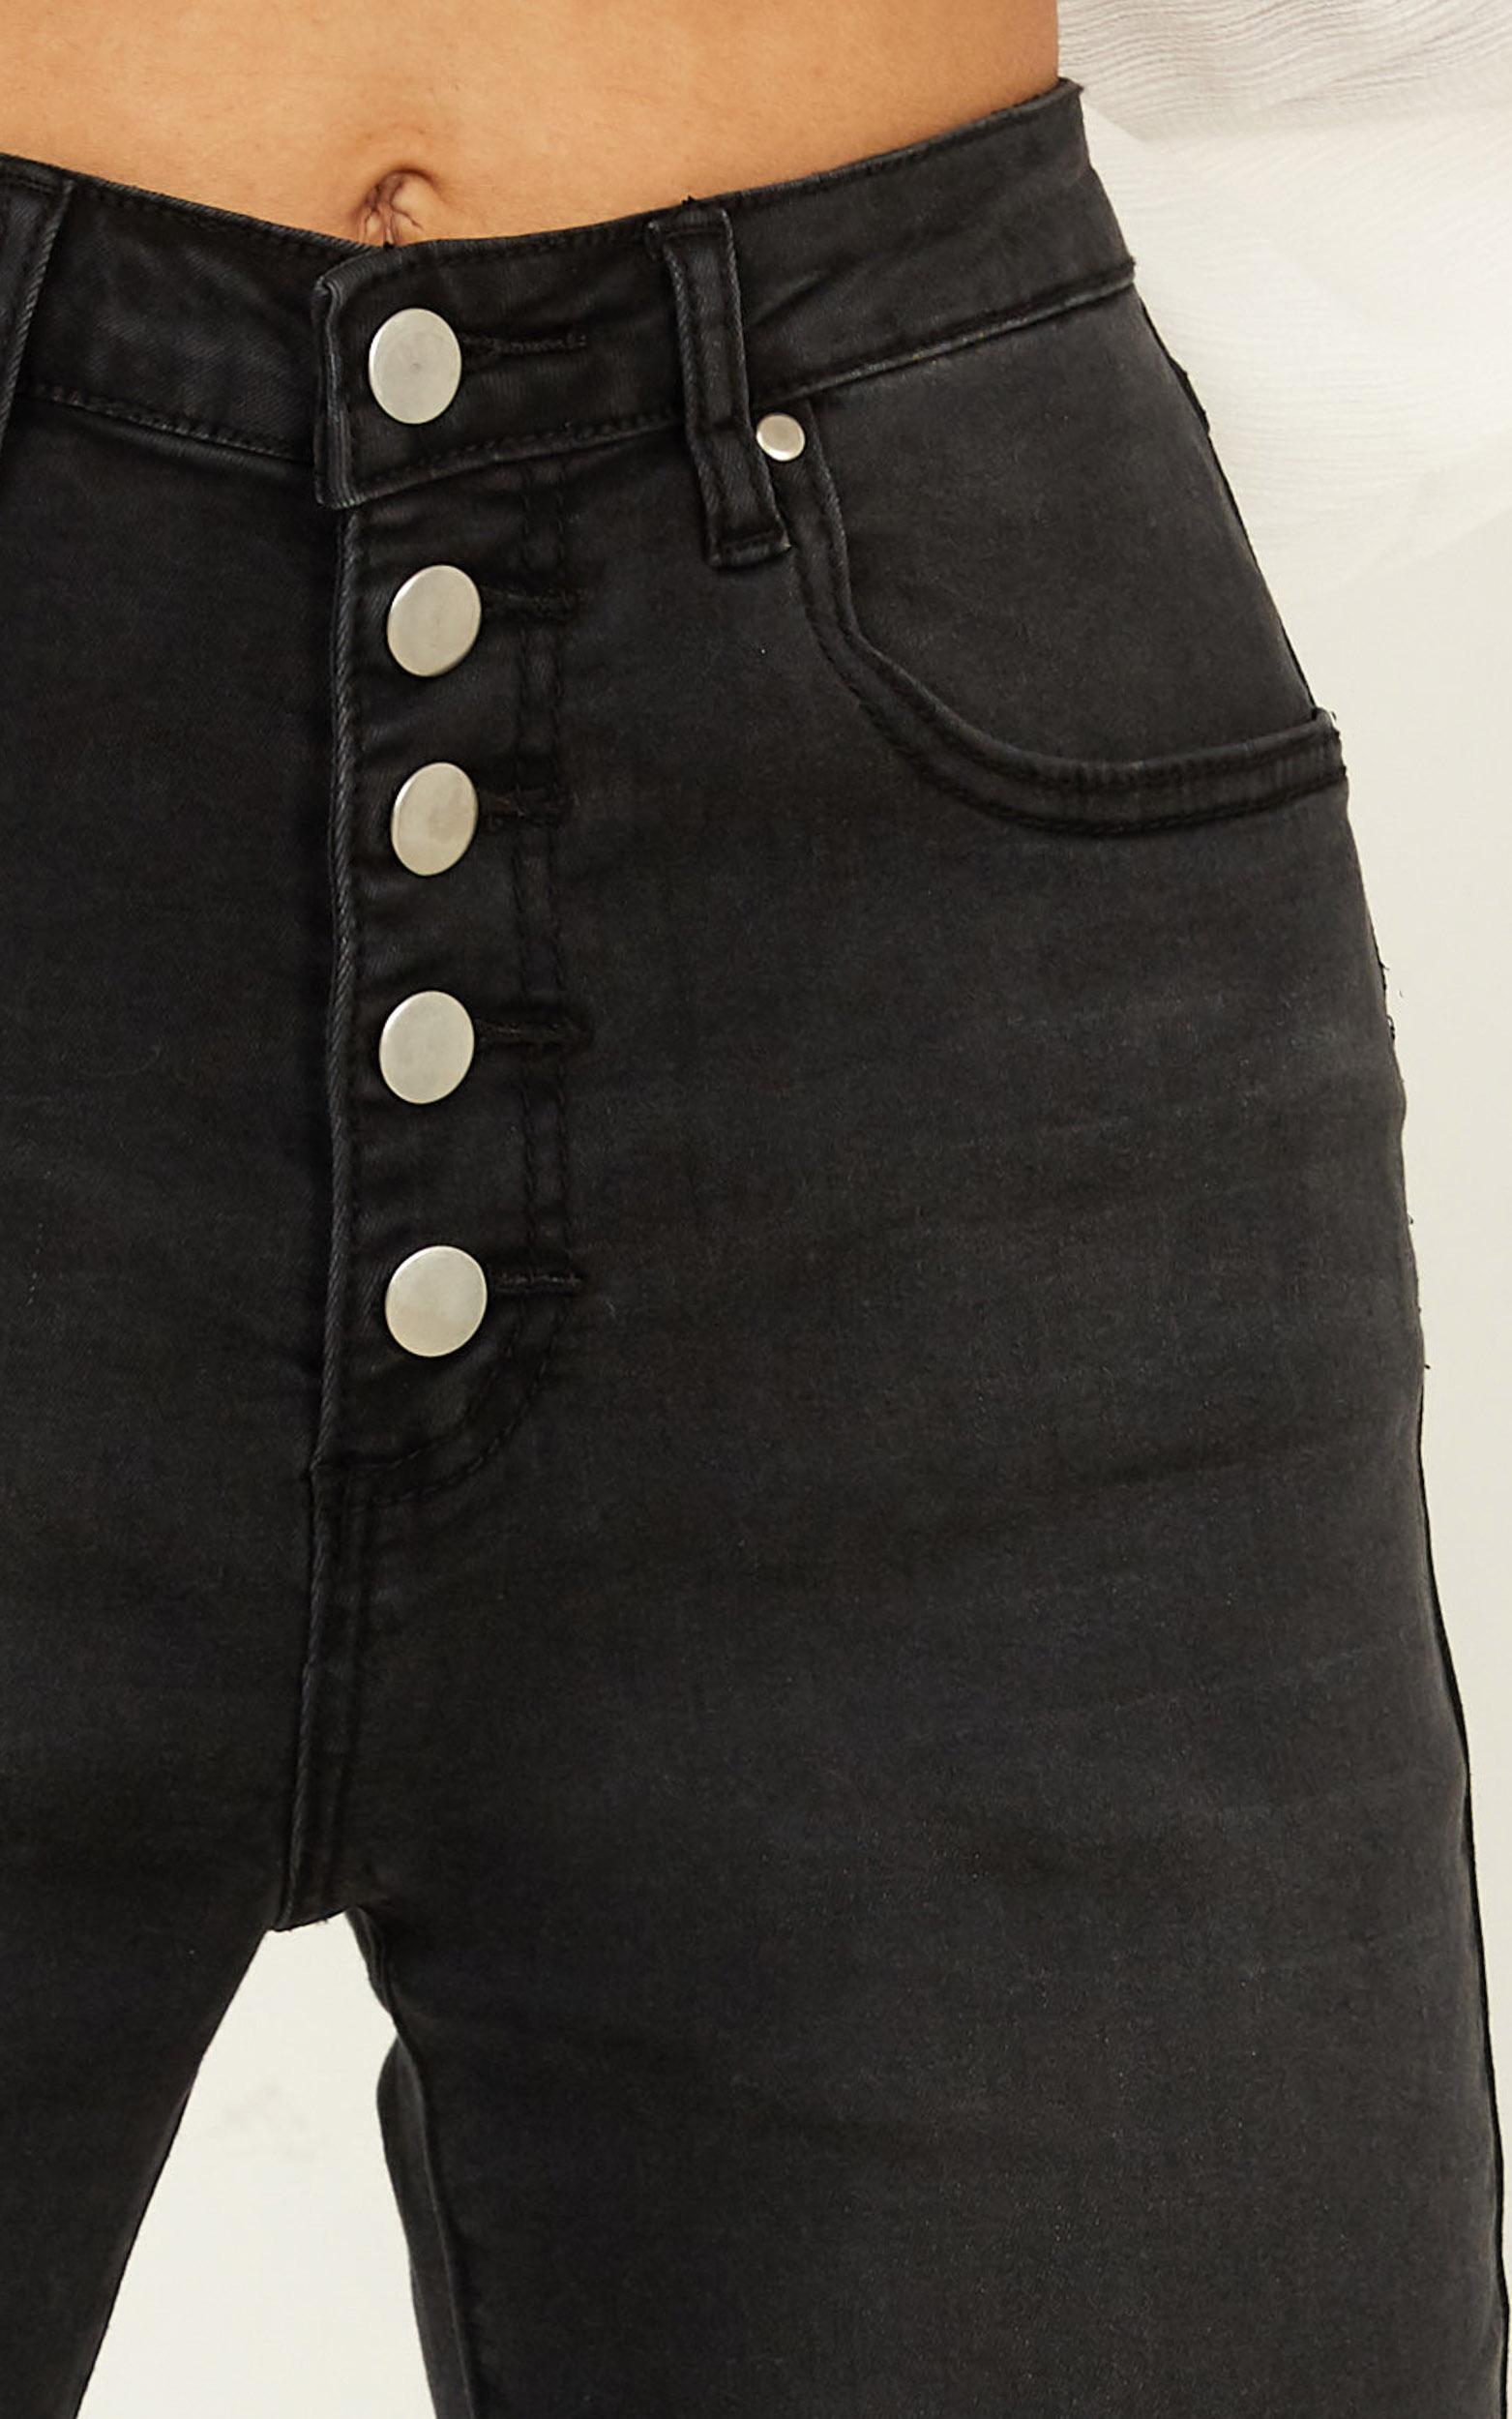 Lisa Jeans In washed black - 14 (XL), Black, hi-res image number null